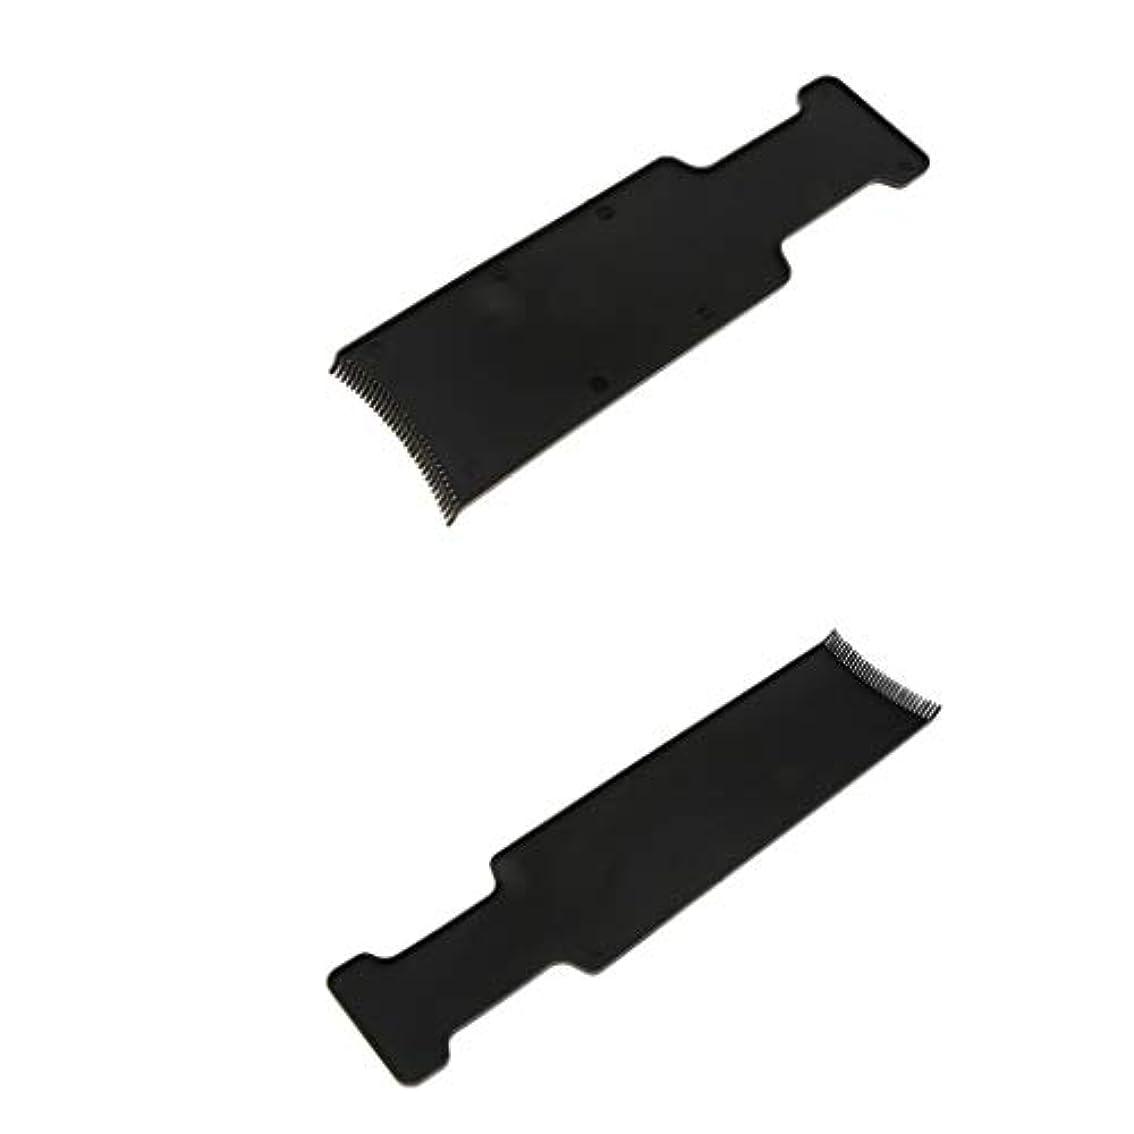 スカイメロドラマティック国内の2枚 サロン ヘアカラーボード ハイライト 染色ティントプレート ヘアドレッシングツール